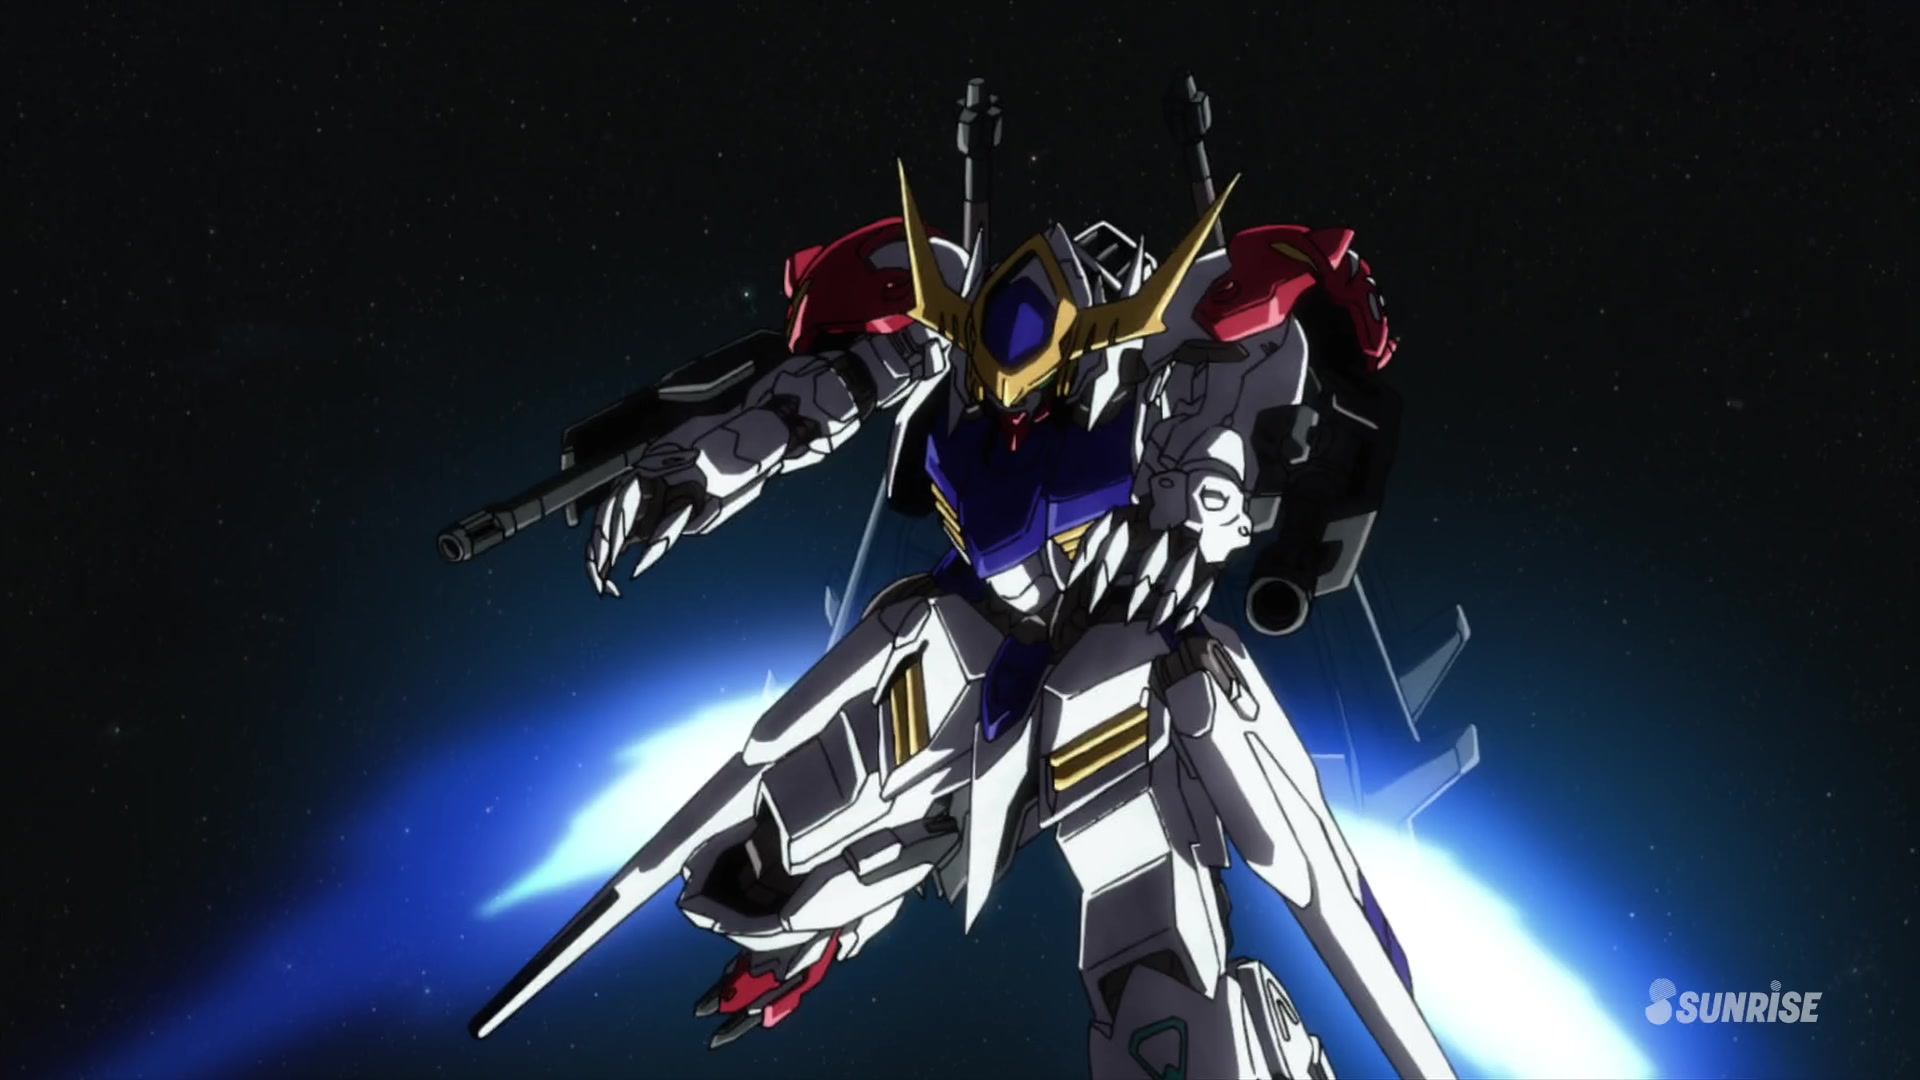 Image Asw G 08 Gundam Barbatos Lupus Episode 28 200mm